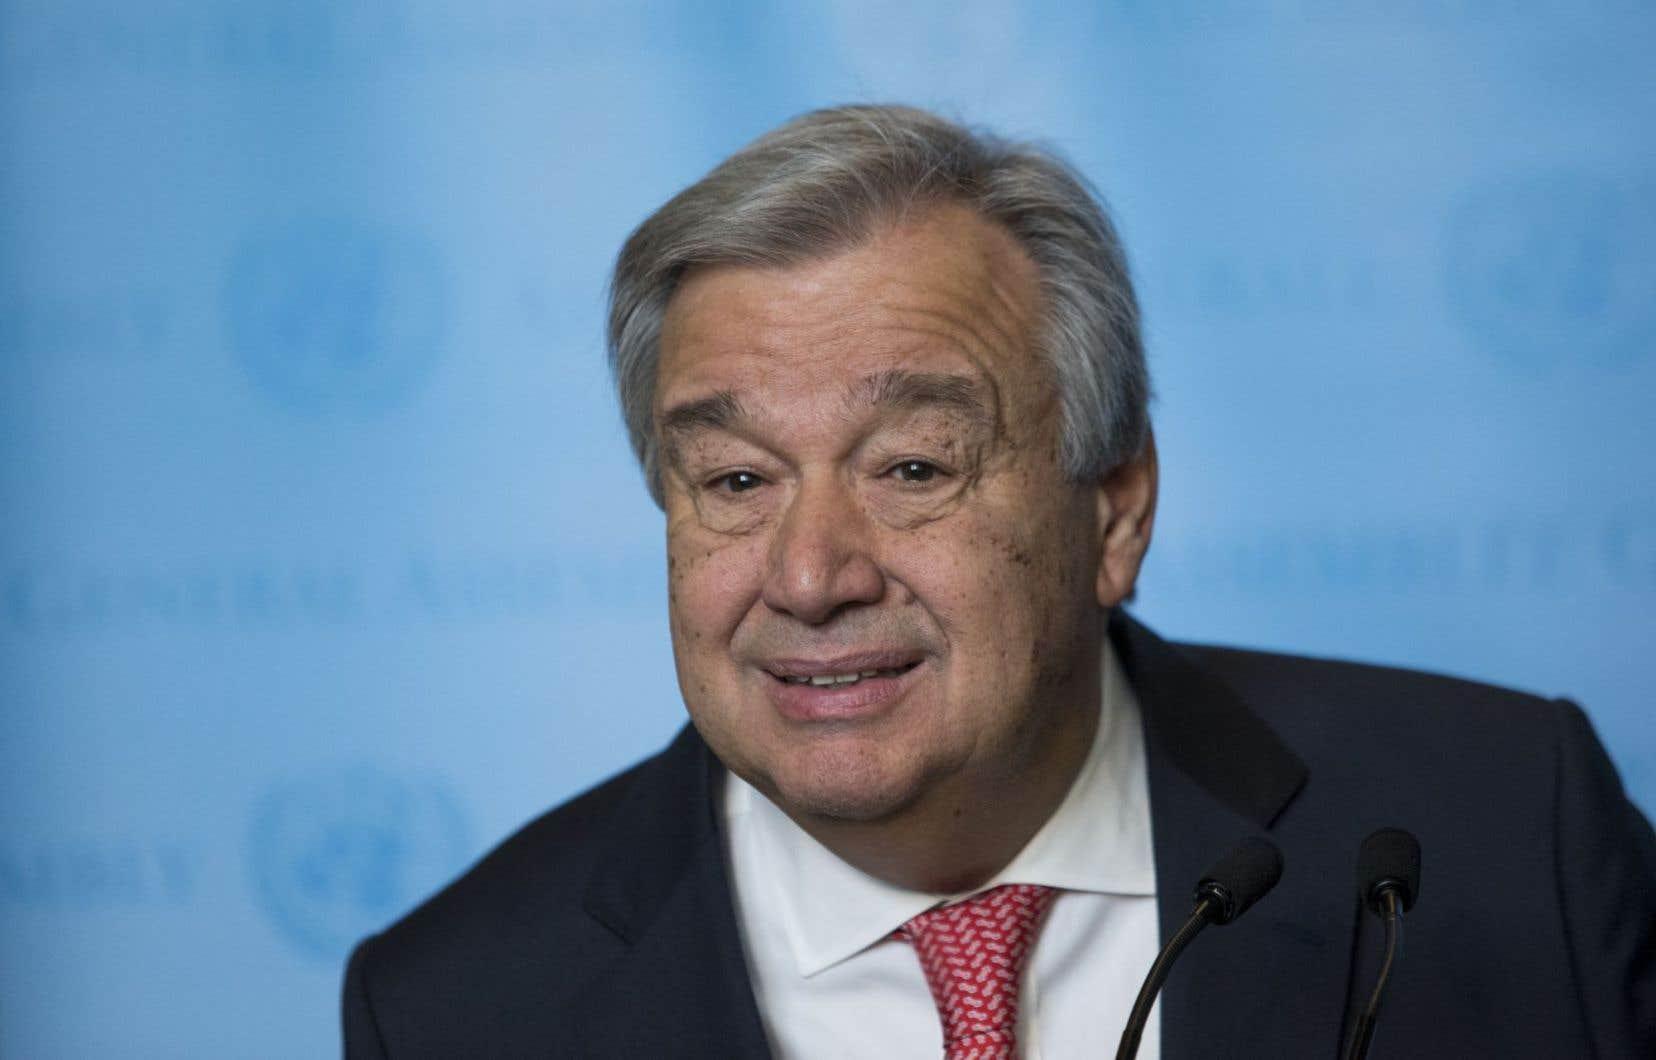 AntonioGuterres succède au 1er janvier à Ban Ki-moon à la tête des Nations unies et hérite en particulier du lourd dossier de la guerre en Syrie.